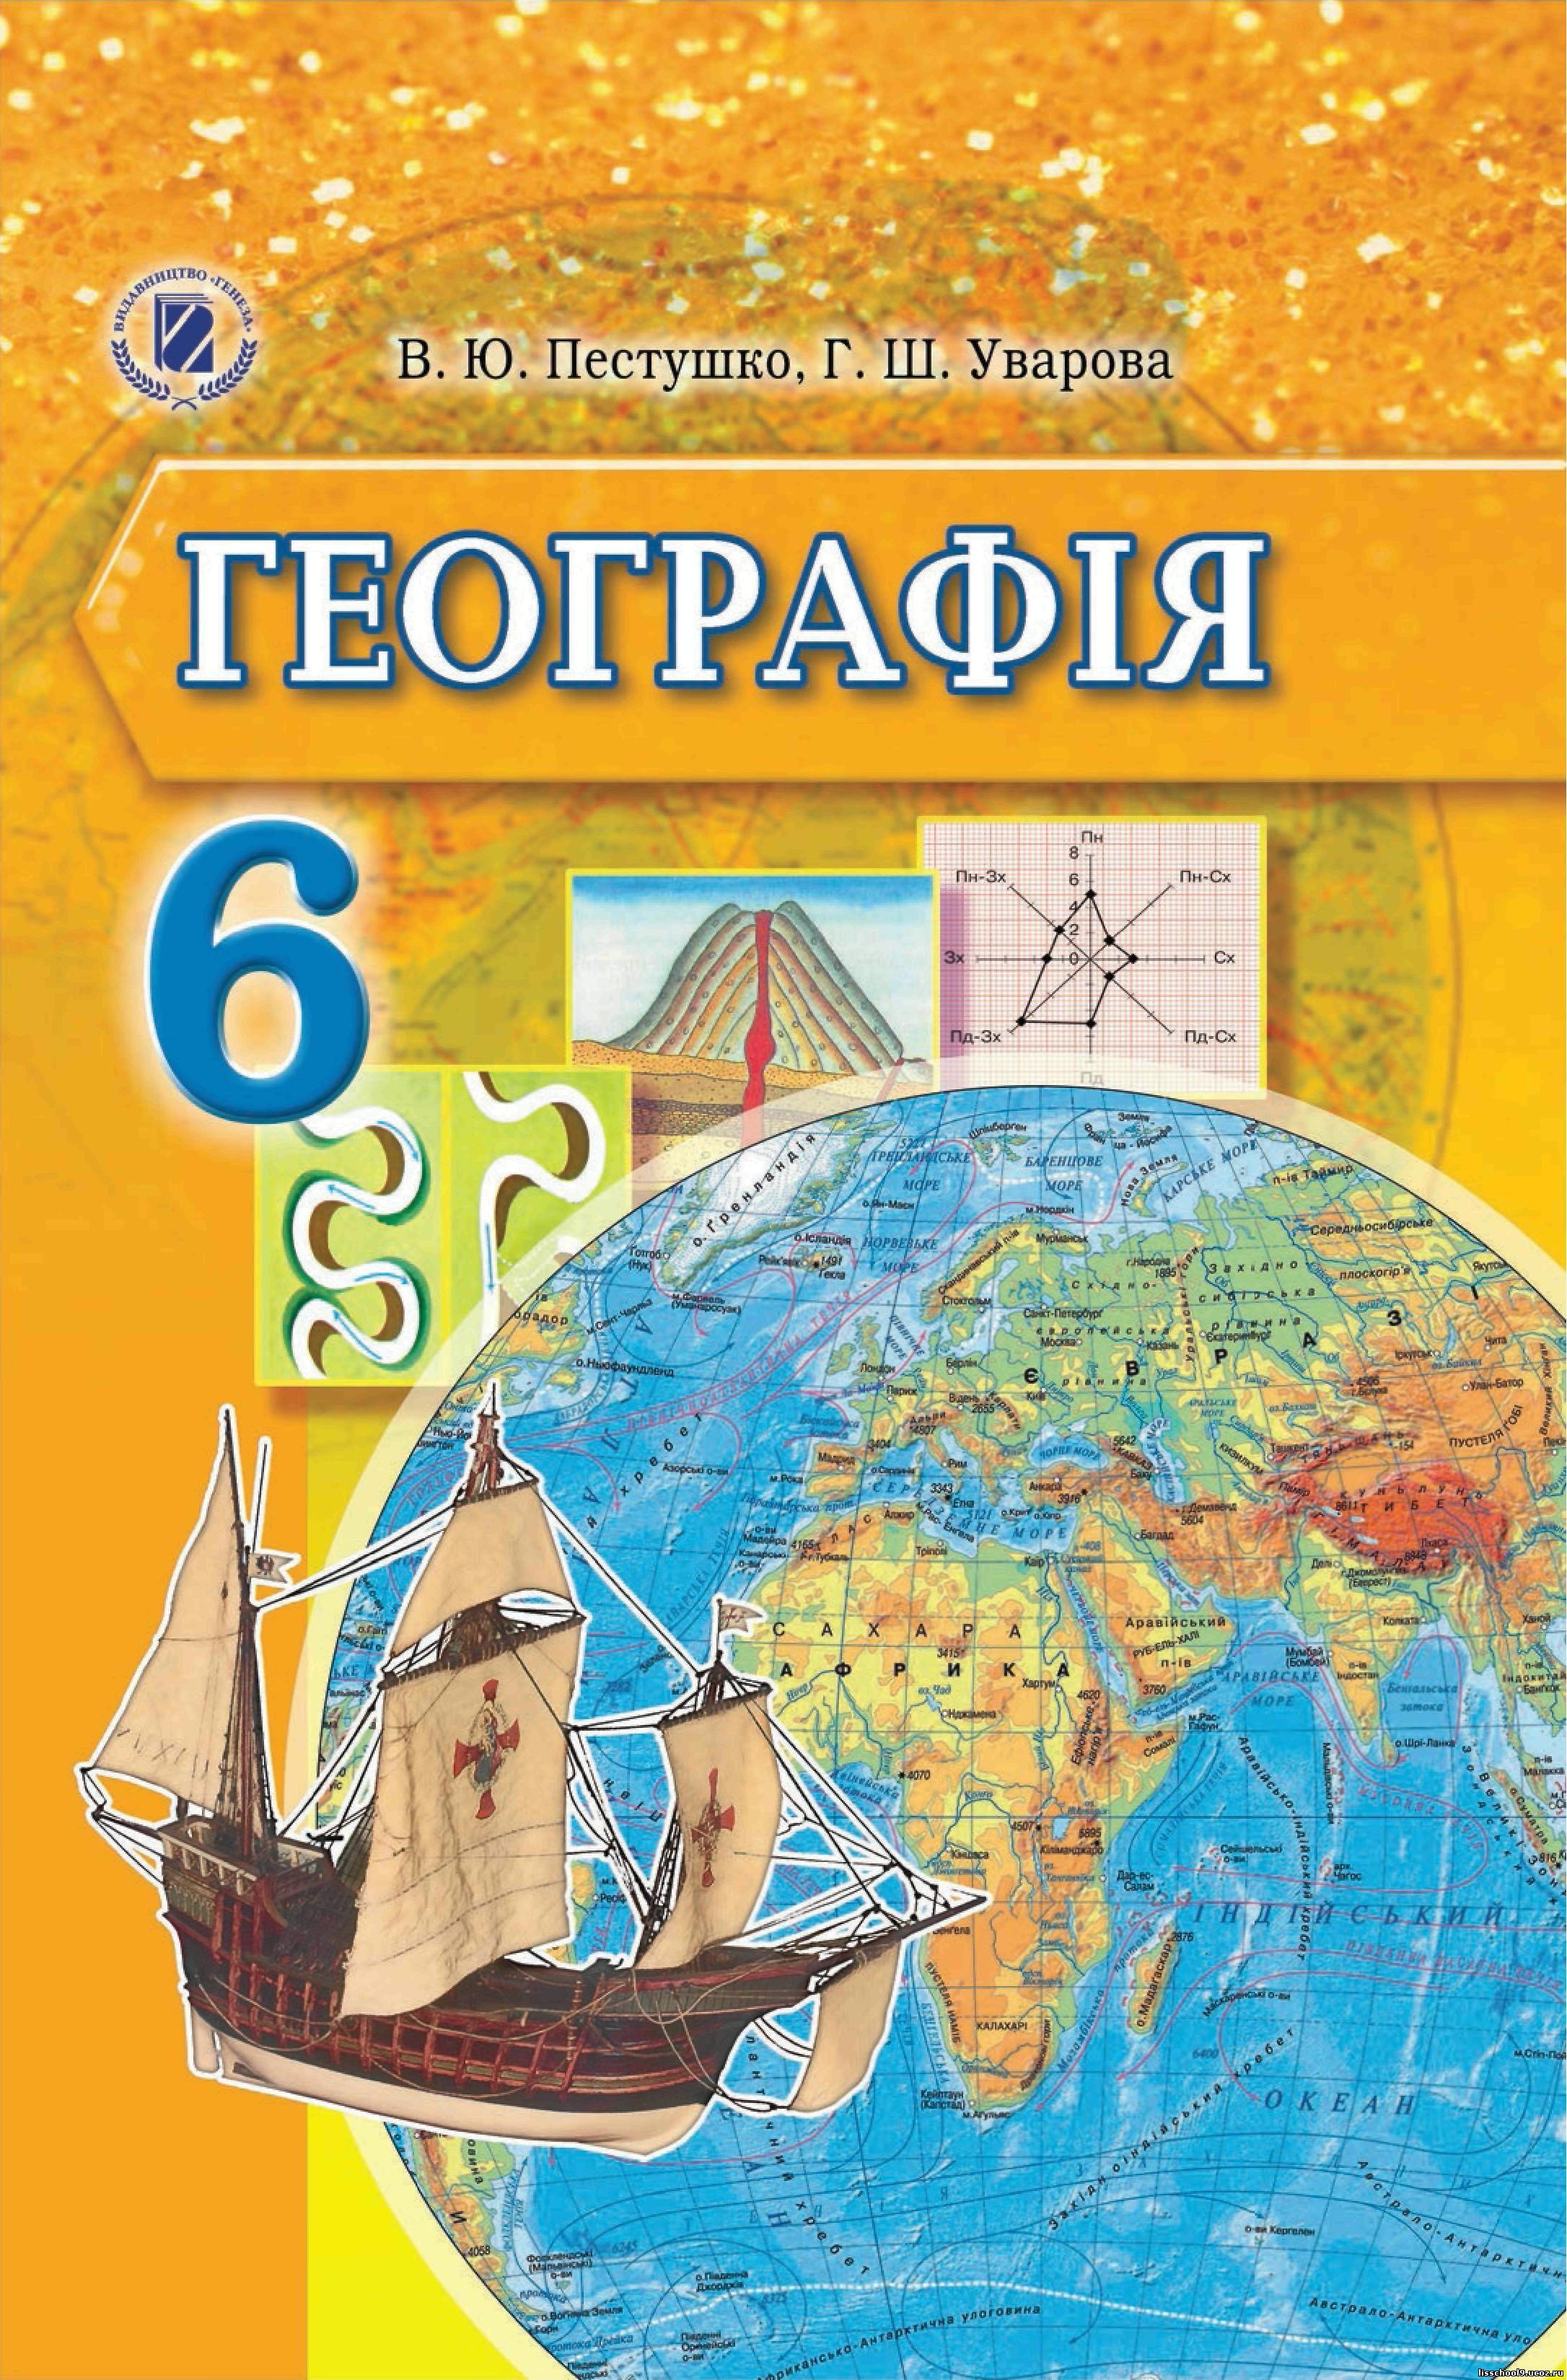 Скачать книгу украинская литература 7 класс книги 2015.